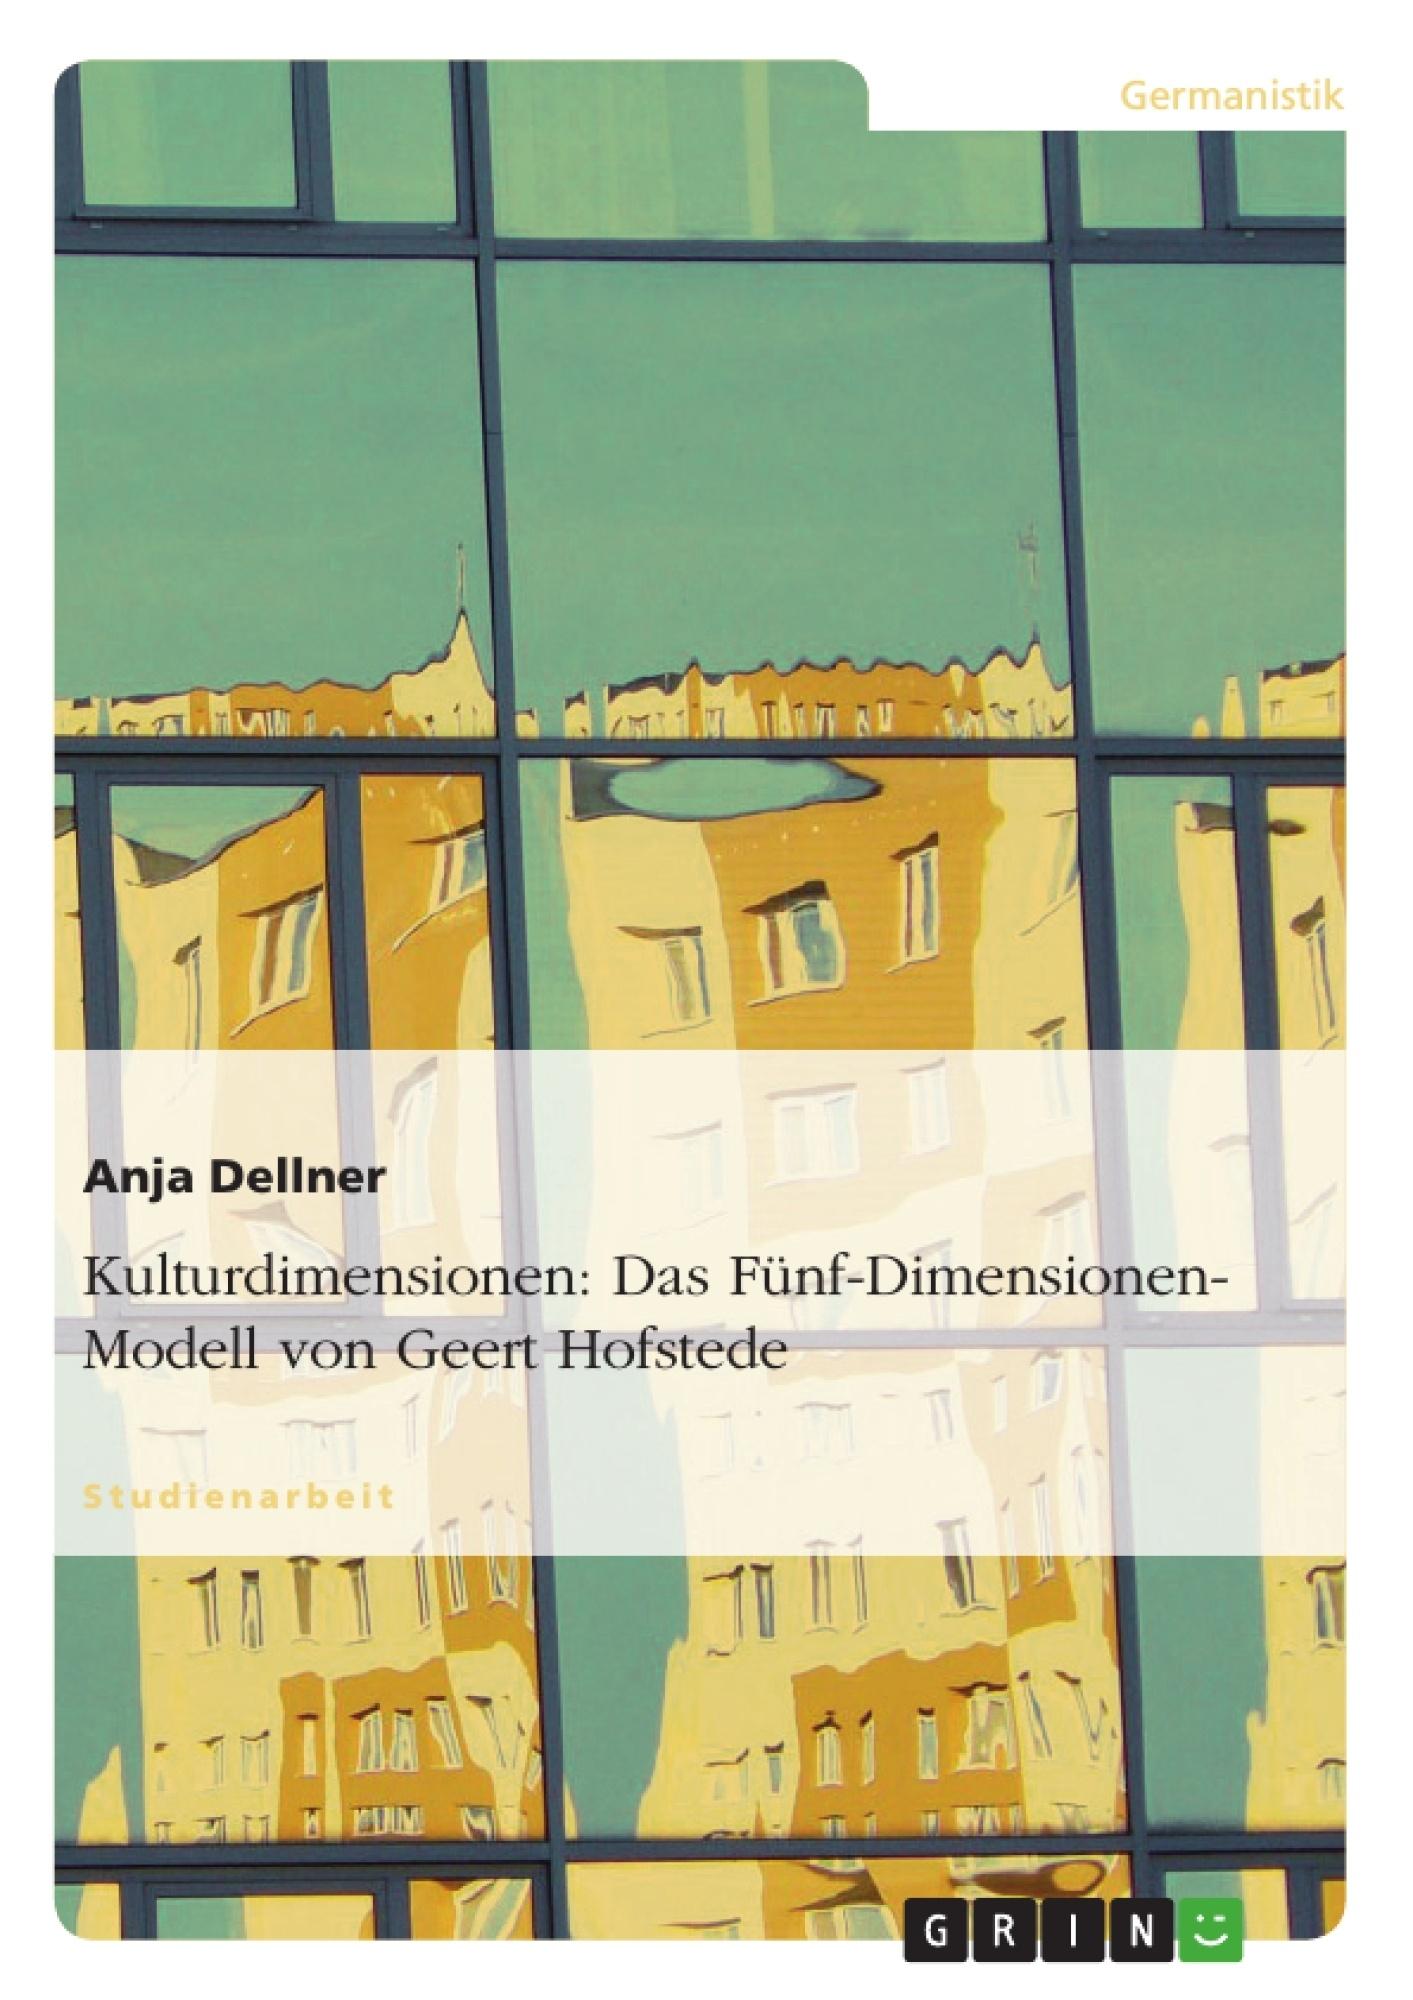 Titel: Kulturdimensionen: Das Fünf-Dimensionen-Modell von Geert Hofstede